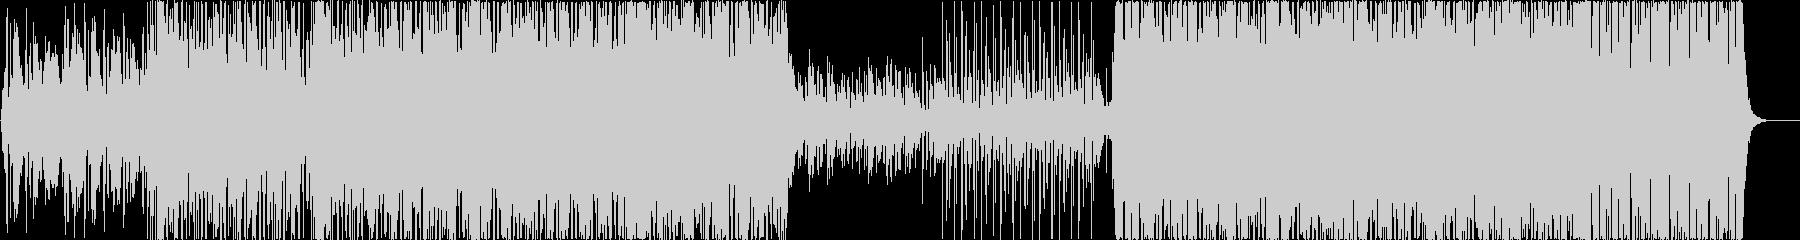 三味線とバイオリンの和風オリエンタルの未再生の波形